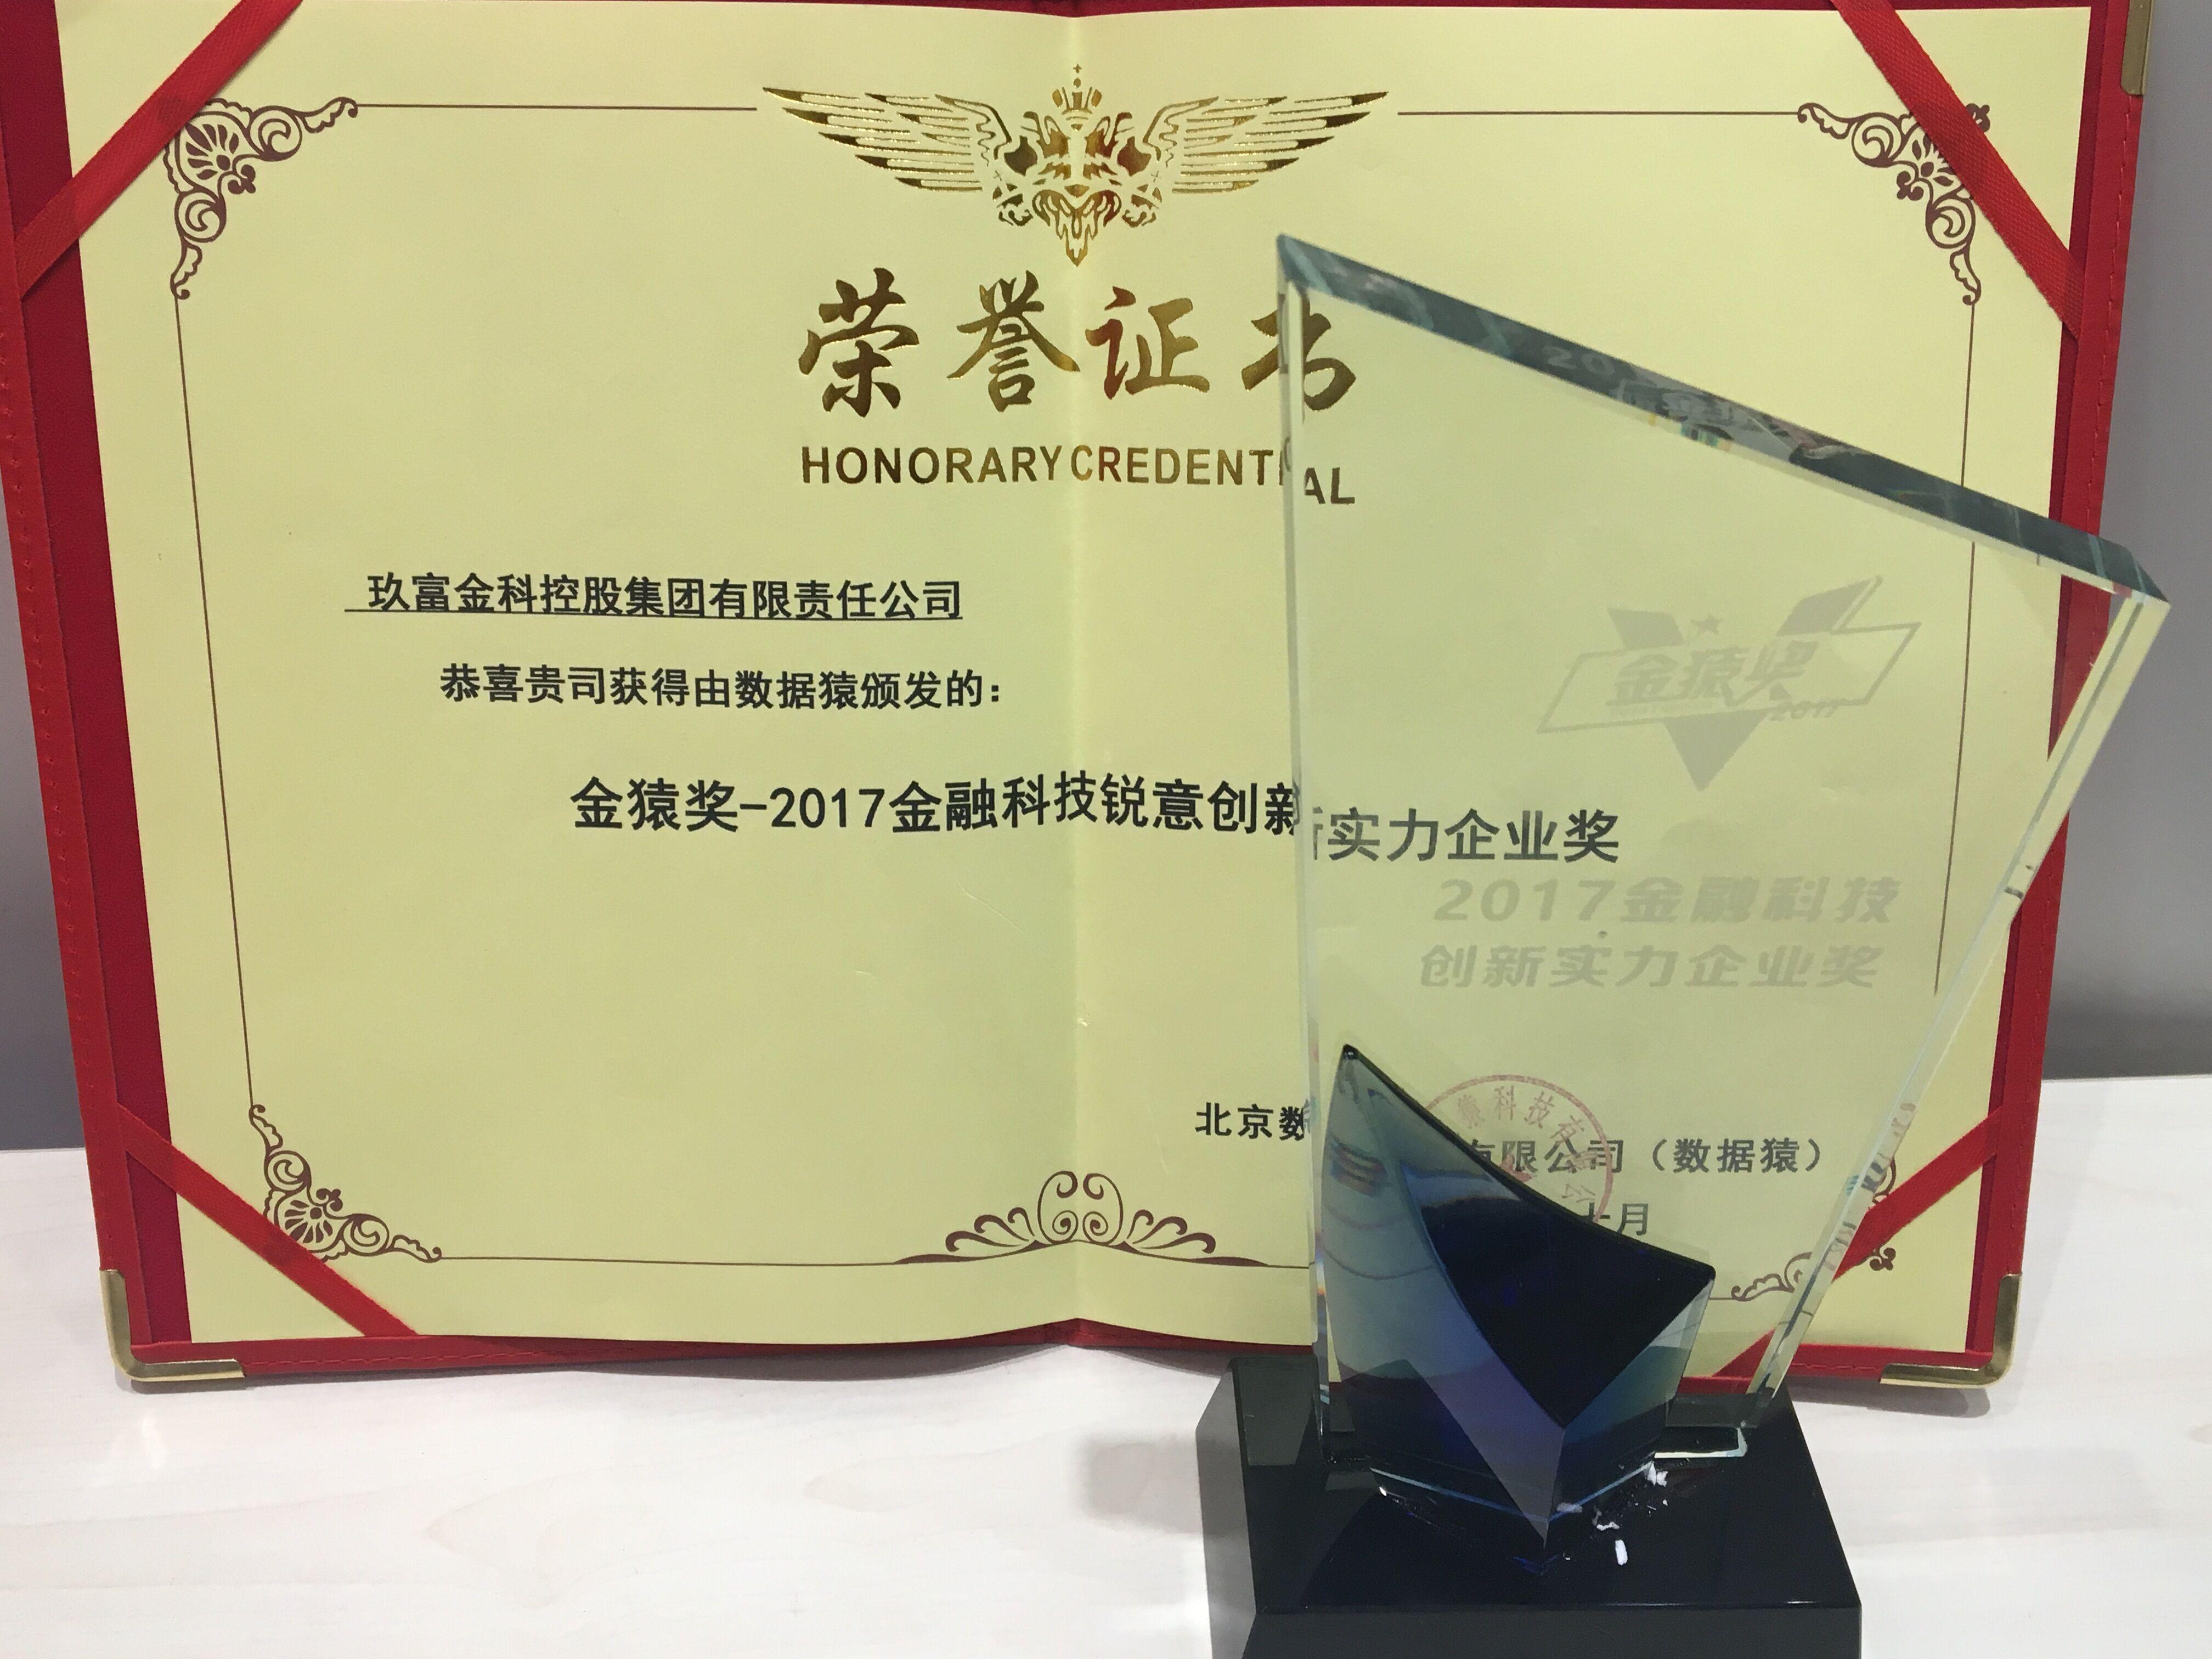 金猿奖—2017金融科技锐意创新实力企业